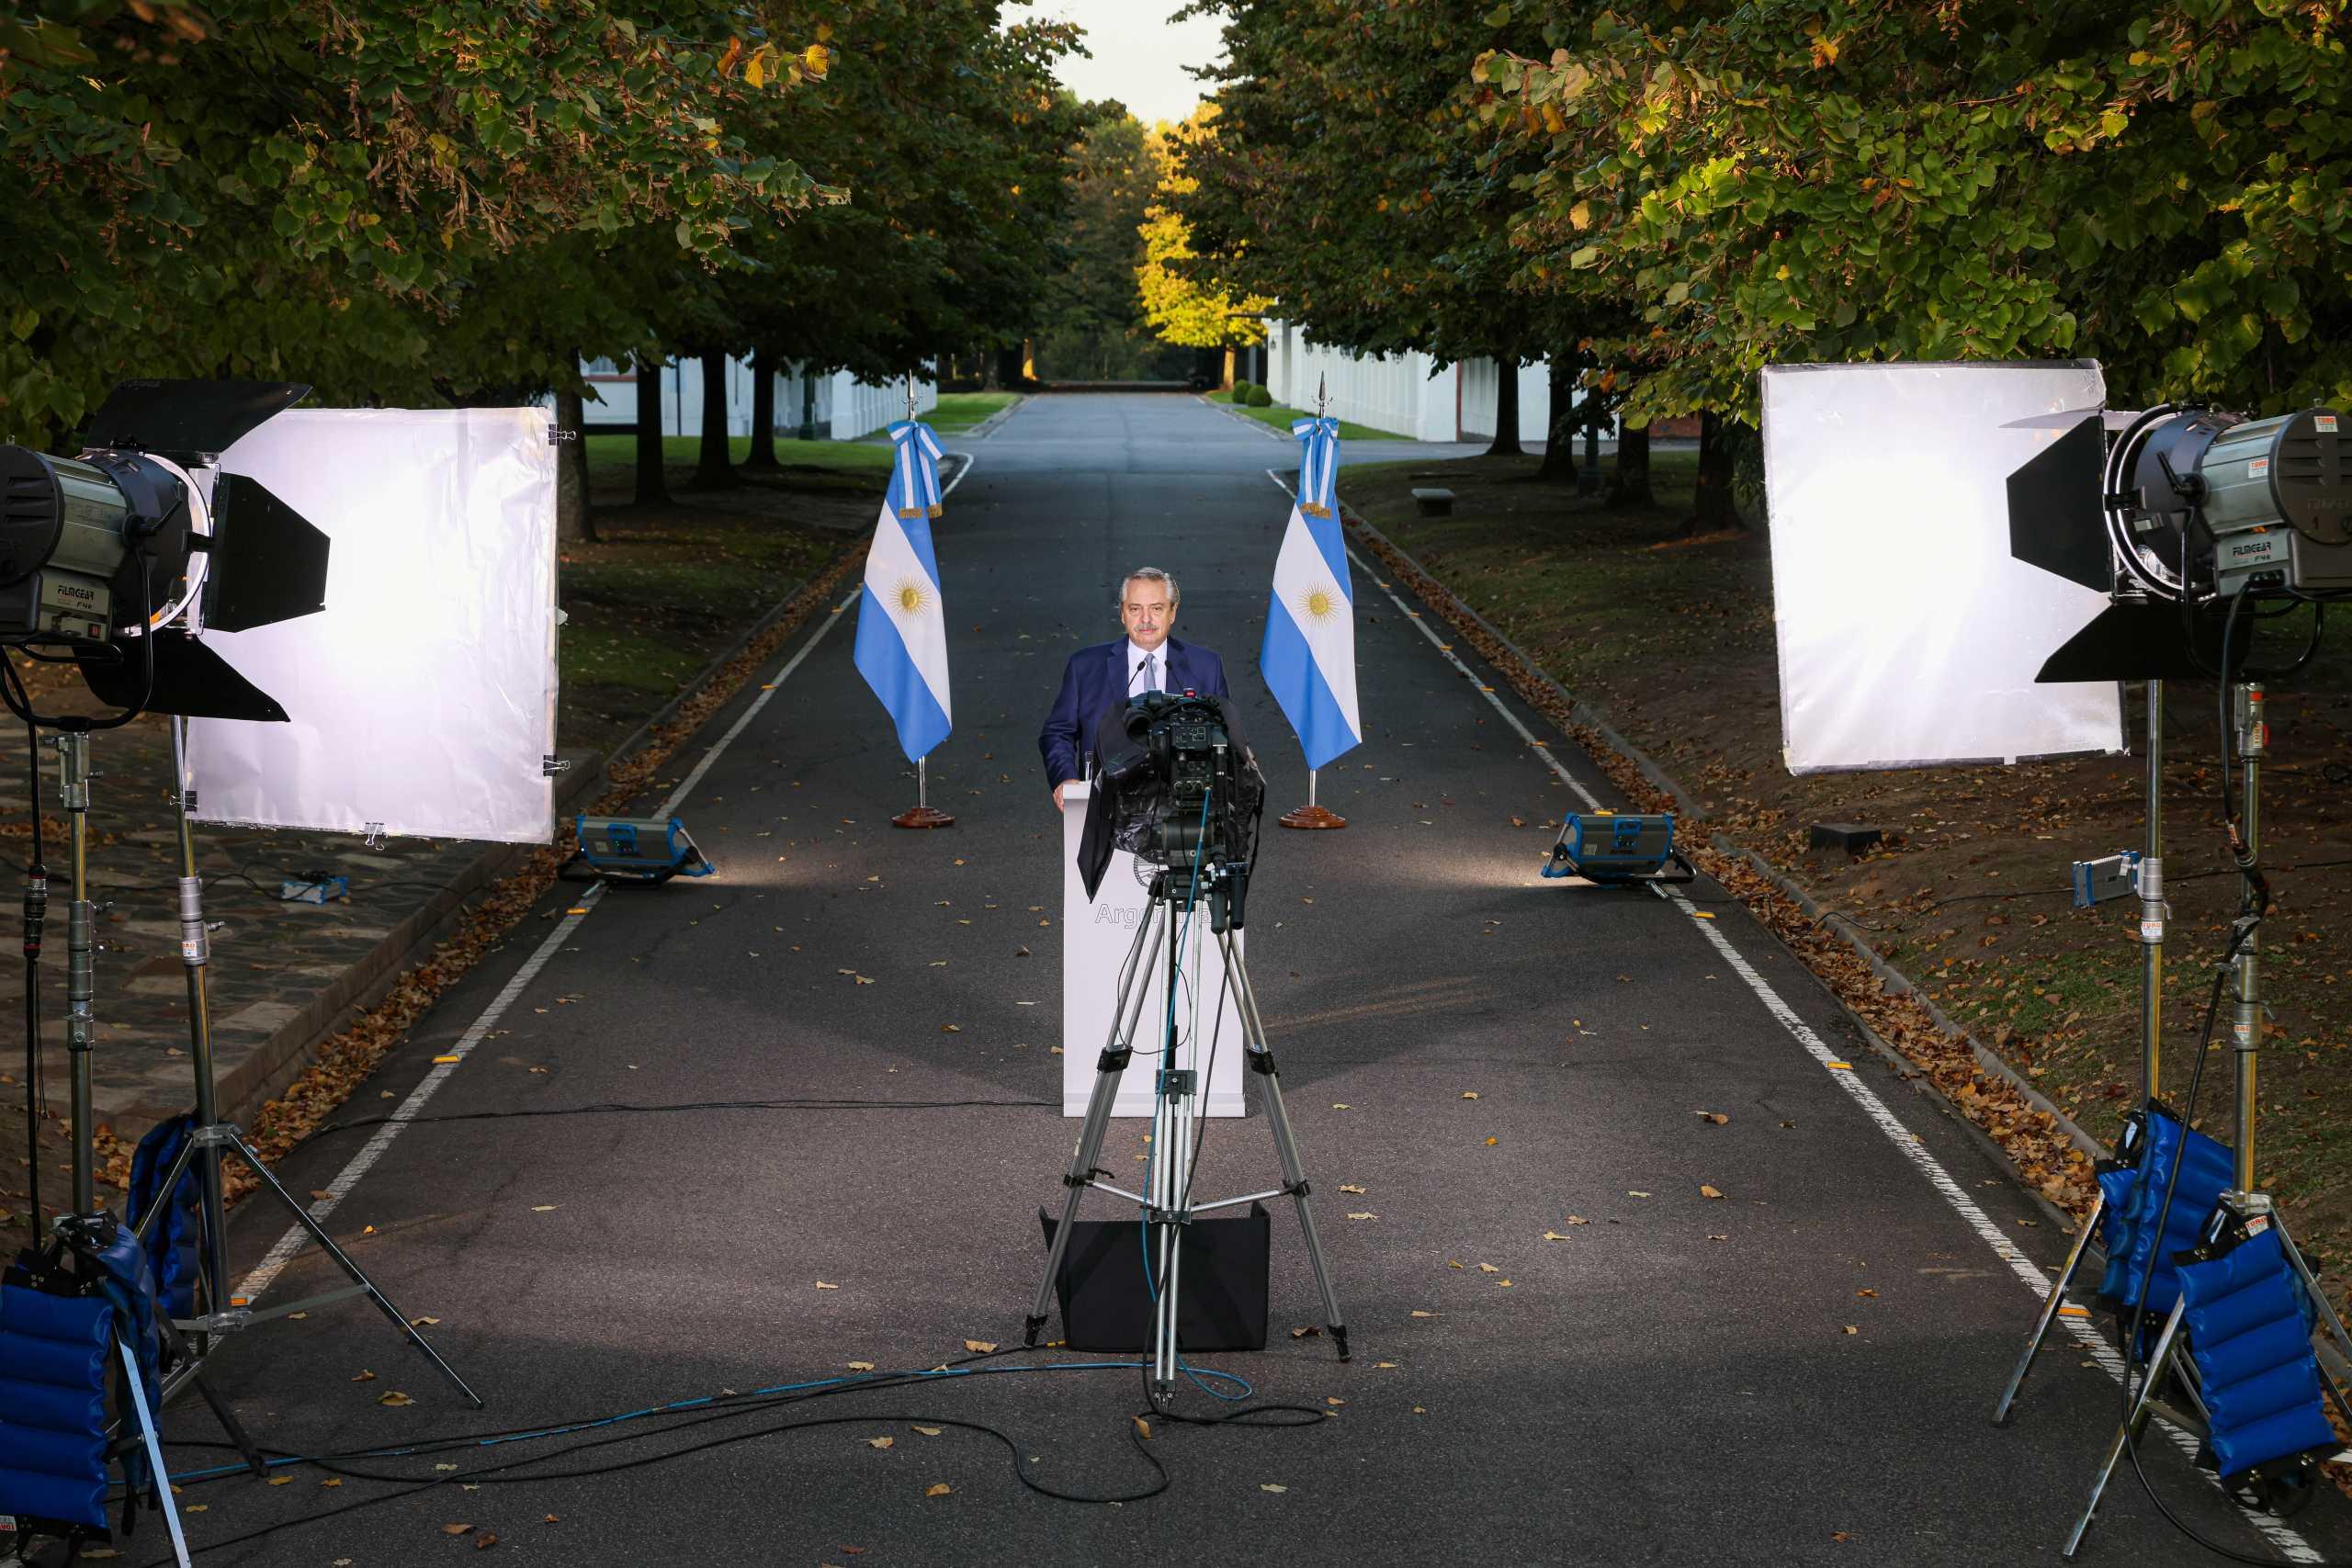 Ξεπέρασε τον κορονοϊό ο πρόεδρος της Αργεντινής